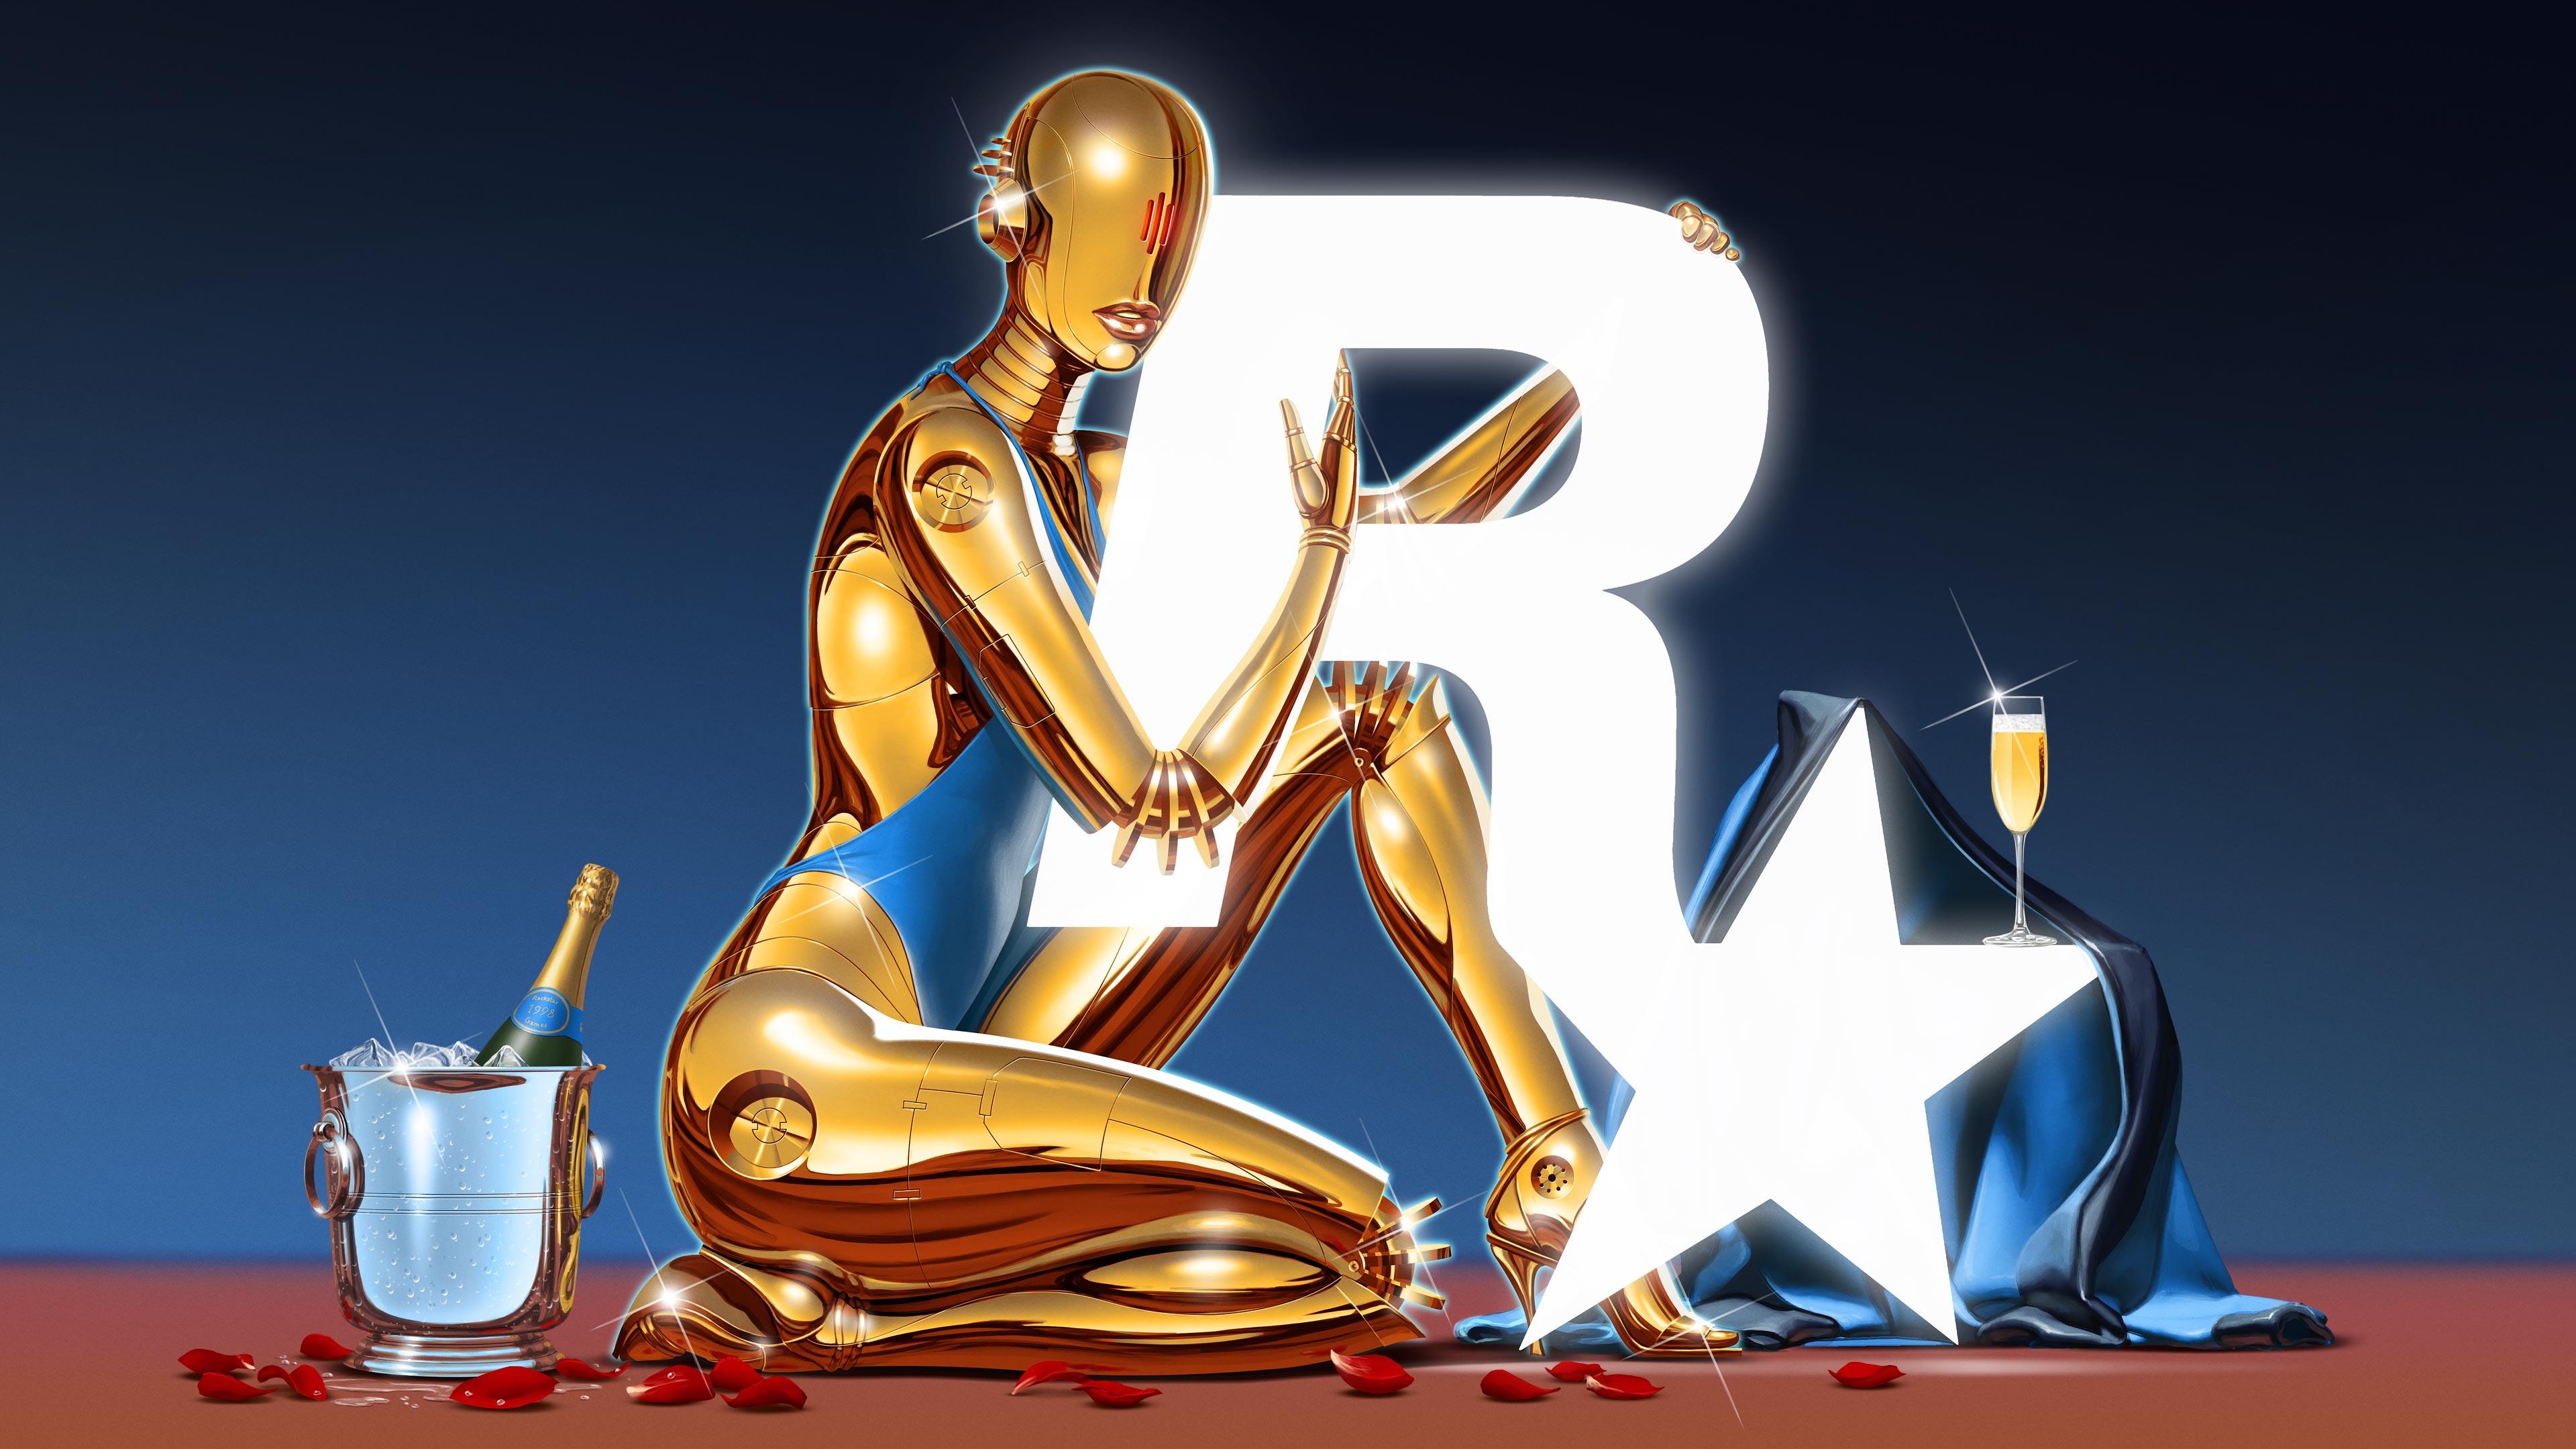 На сайте Rockstar нашли странные иллюстрации — фанаты думают, что это намек на GTA 6 или Bully 2